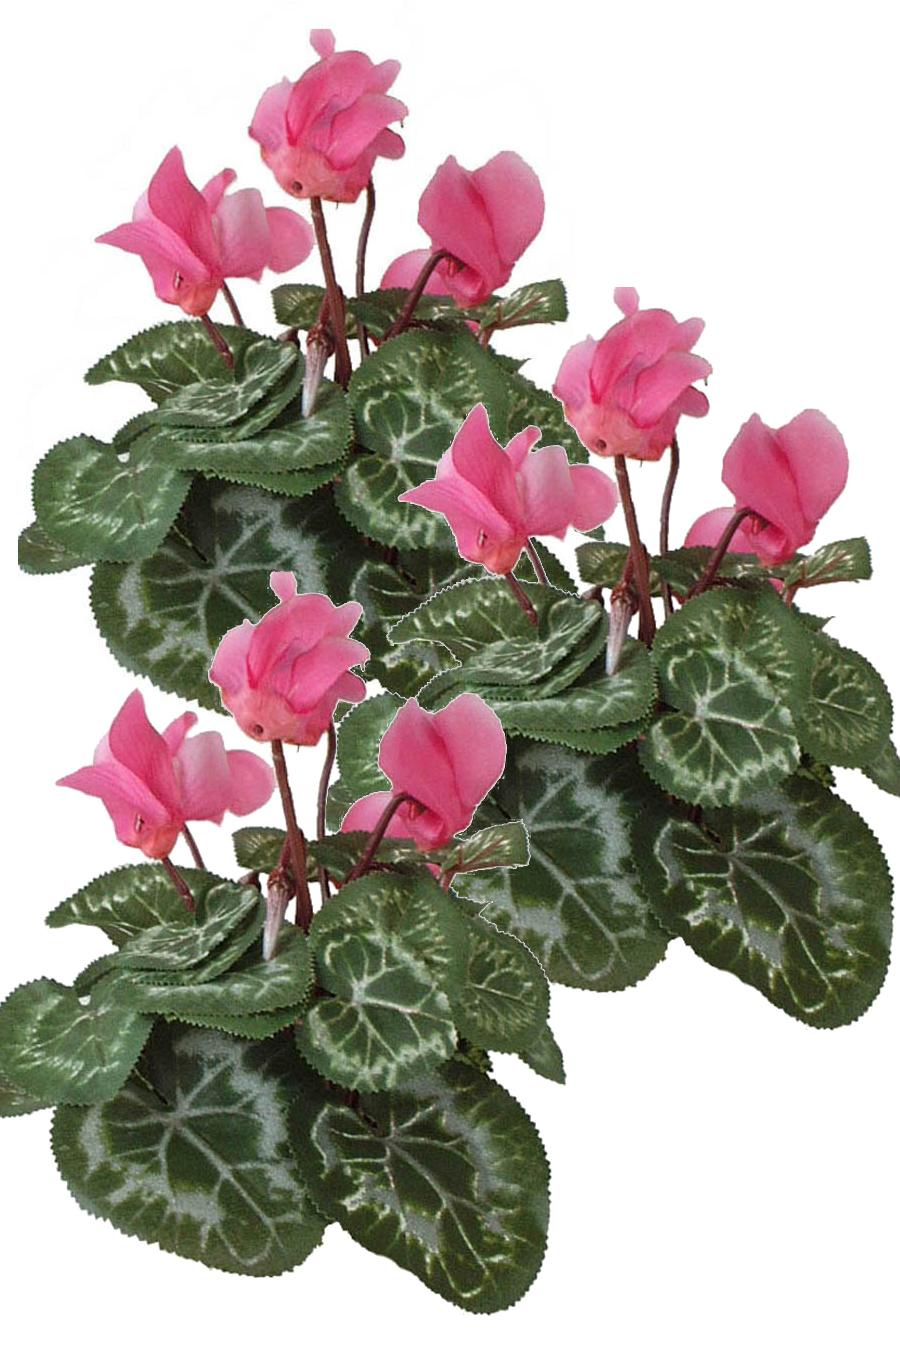 Cyclamen Pink 3 Silk Flowers Artificial Arrangements Pene Dene